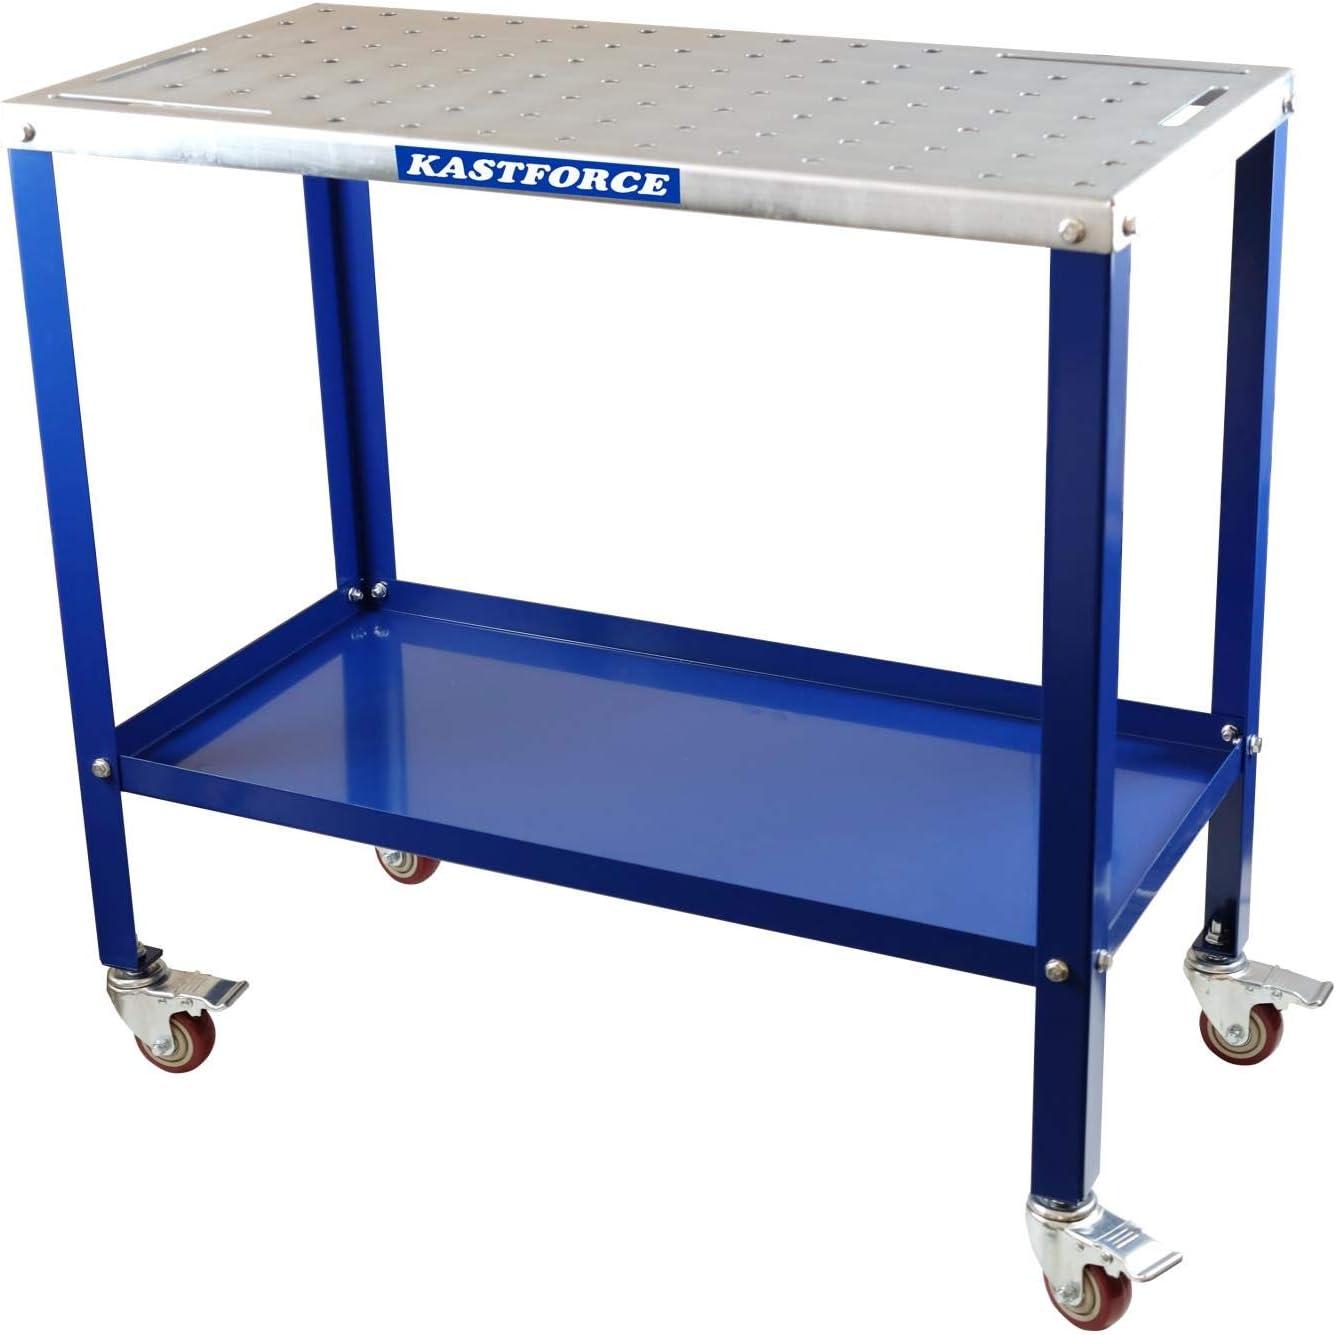 KASTFORCE KF3002 Portable Welding Table Welding Cart